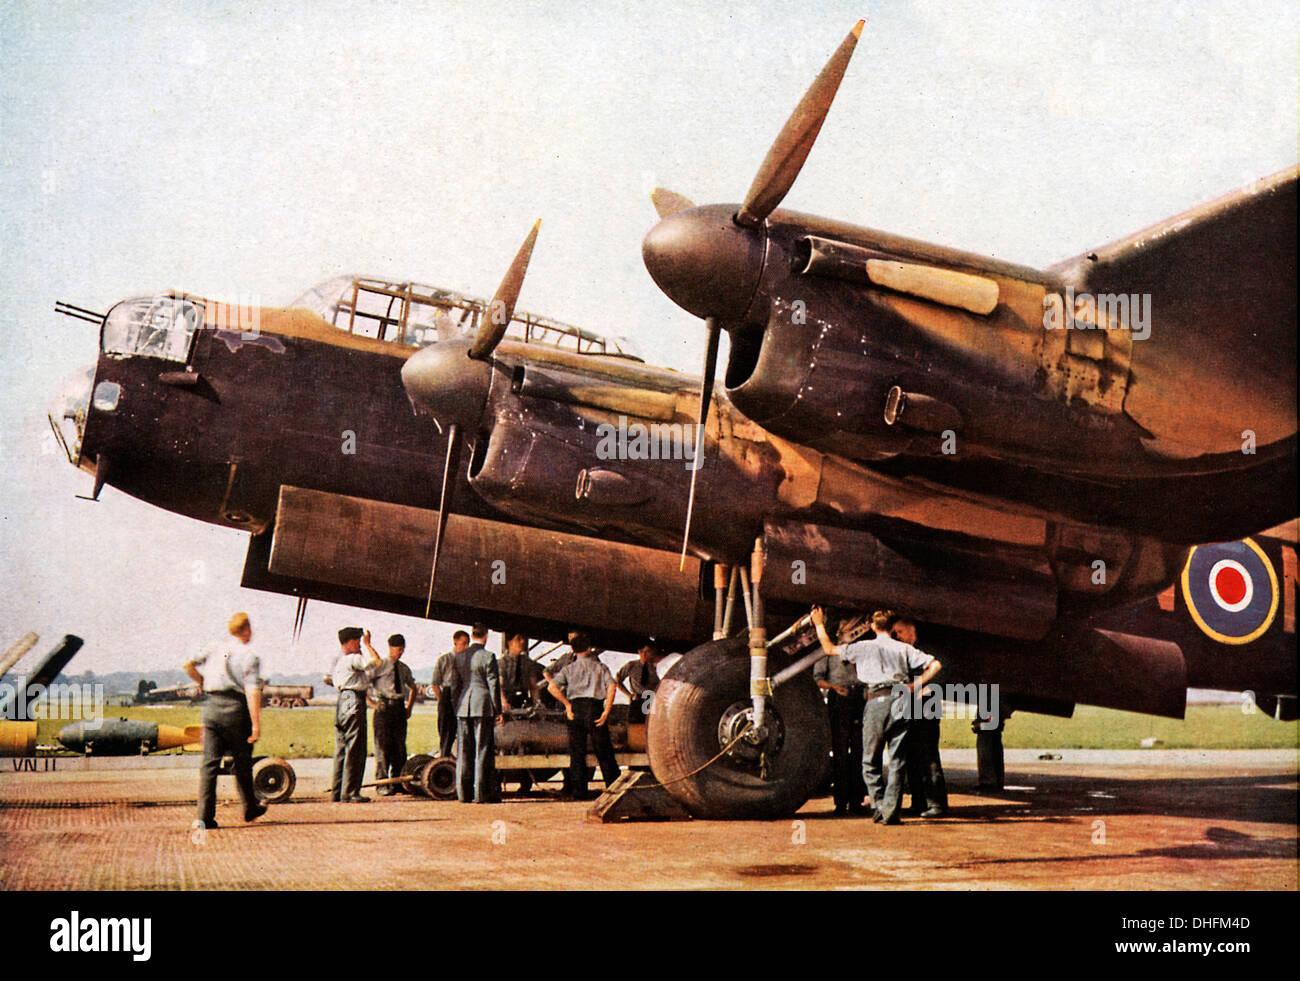 Carga de un bombardero Lancaster, 1942 Fotografía en color de la icónica RAF bombardeo bombardero pesado antes de Foto de stock